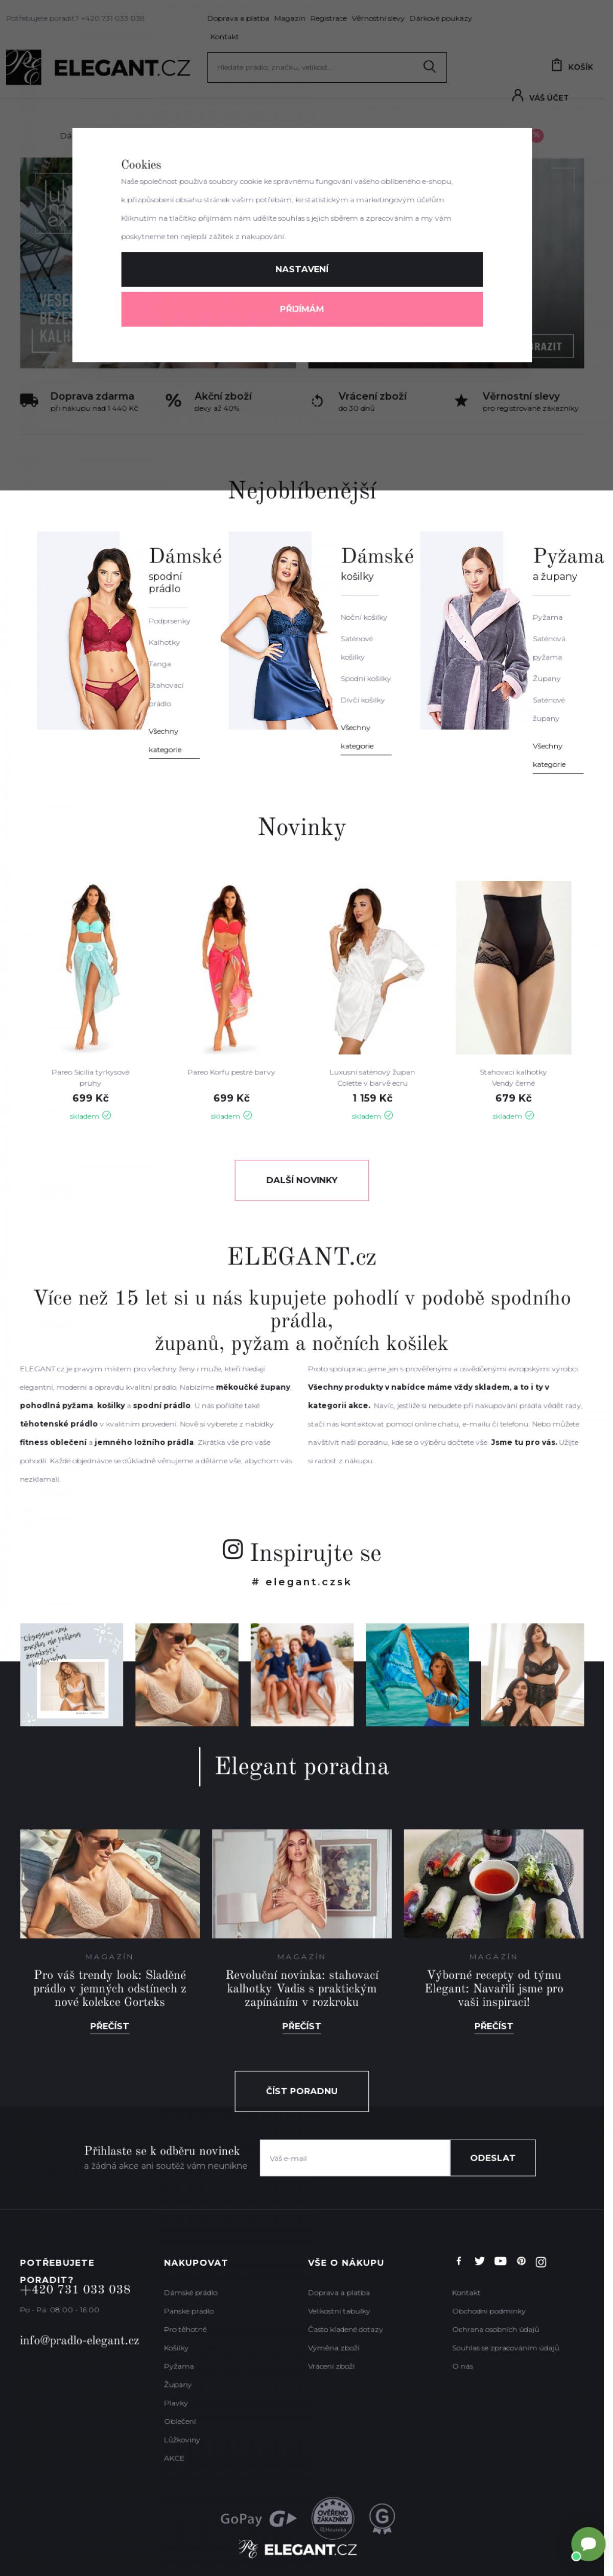 0f0531ff8a4 Náhled internetové stránky Vzled internetové stránky obchodu PRÁDLO-ELEGANT